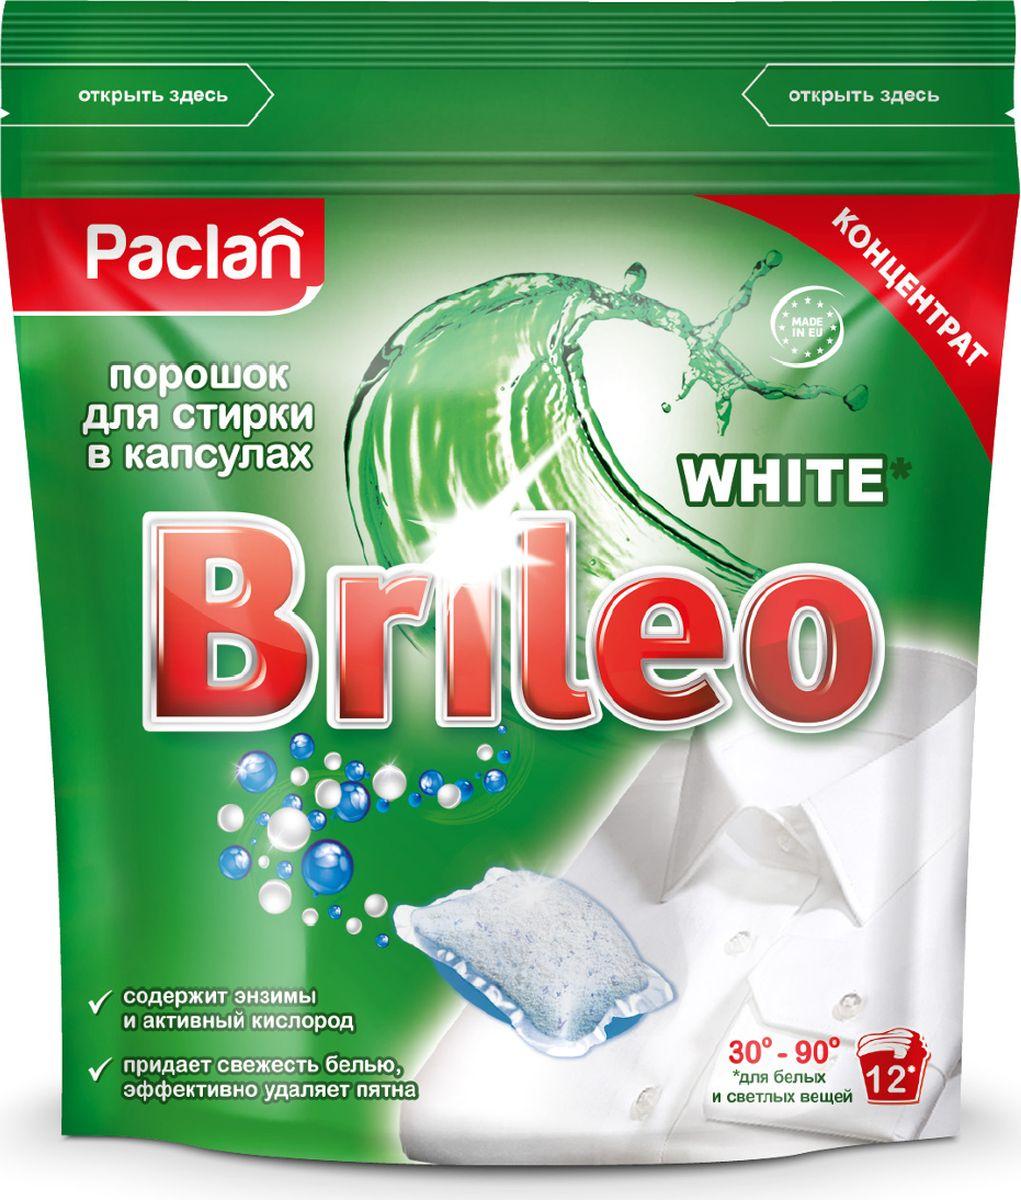 Порошок стиральный Paclan White, для белого белья, концентрат, в капсулах, 12 шт440100Пять энзимов в составе инновационной формулы отлично отстирывают загрязнения. Кислородный отбеливатель придает кристальную белизну. Пятновыводитель эффективно удаляет любые пятна. Отлично отстирывает даже при 30°С. Придает вещам приятный аромат.